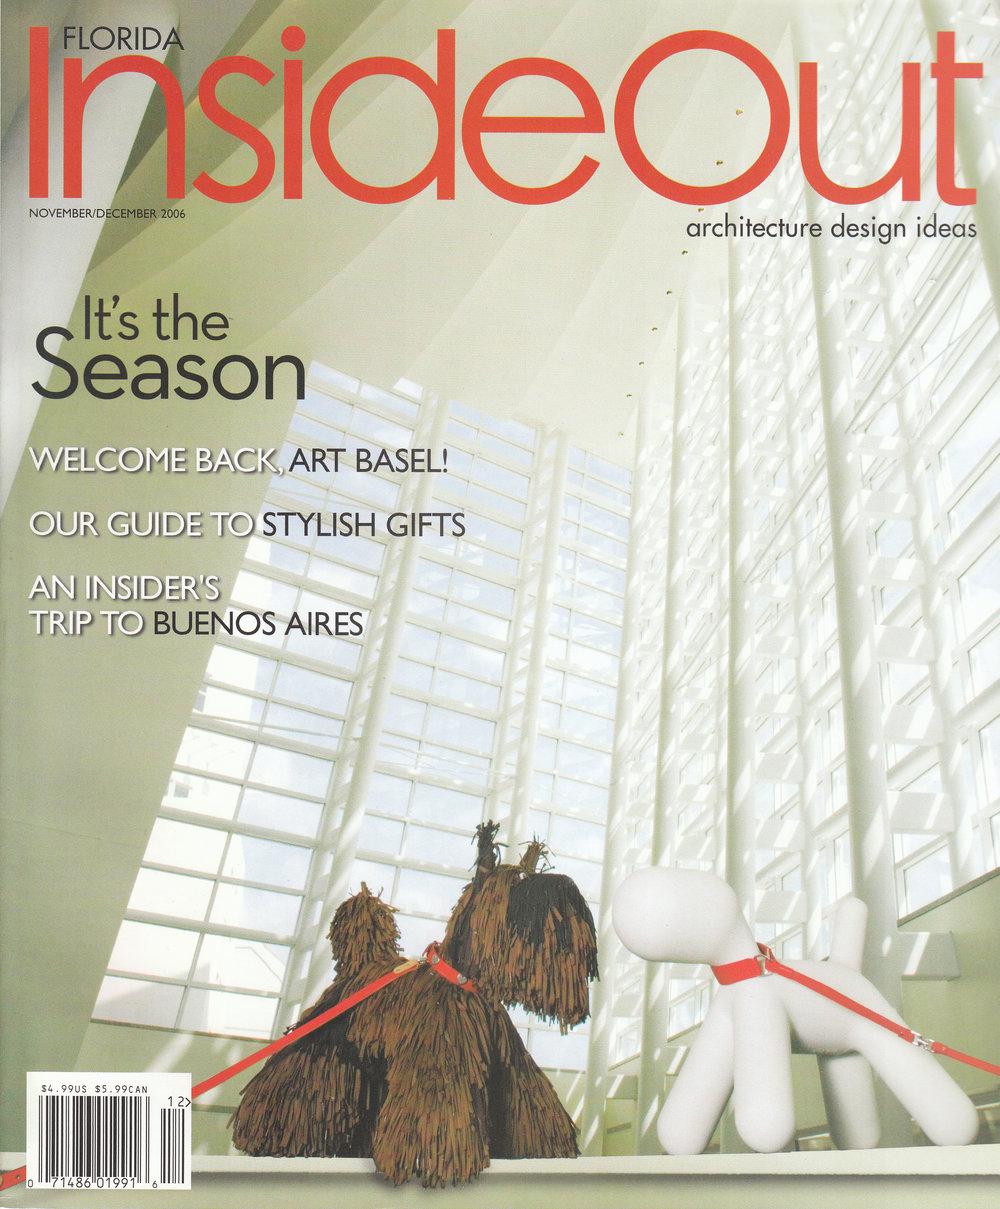 InsideOut November-December 2007 (1).jpg